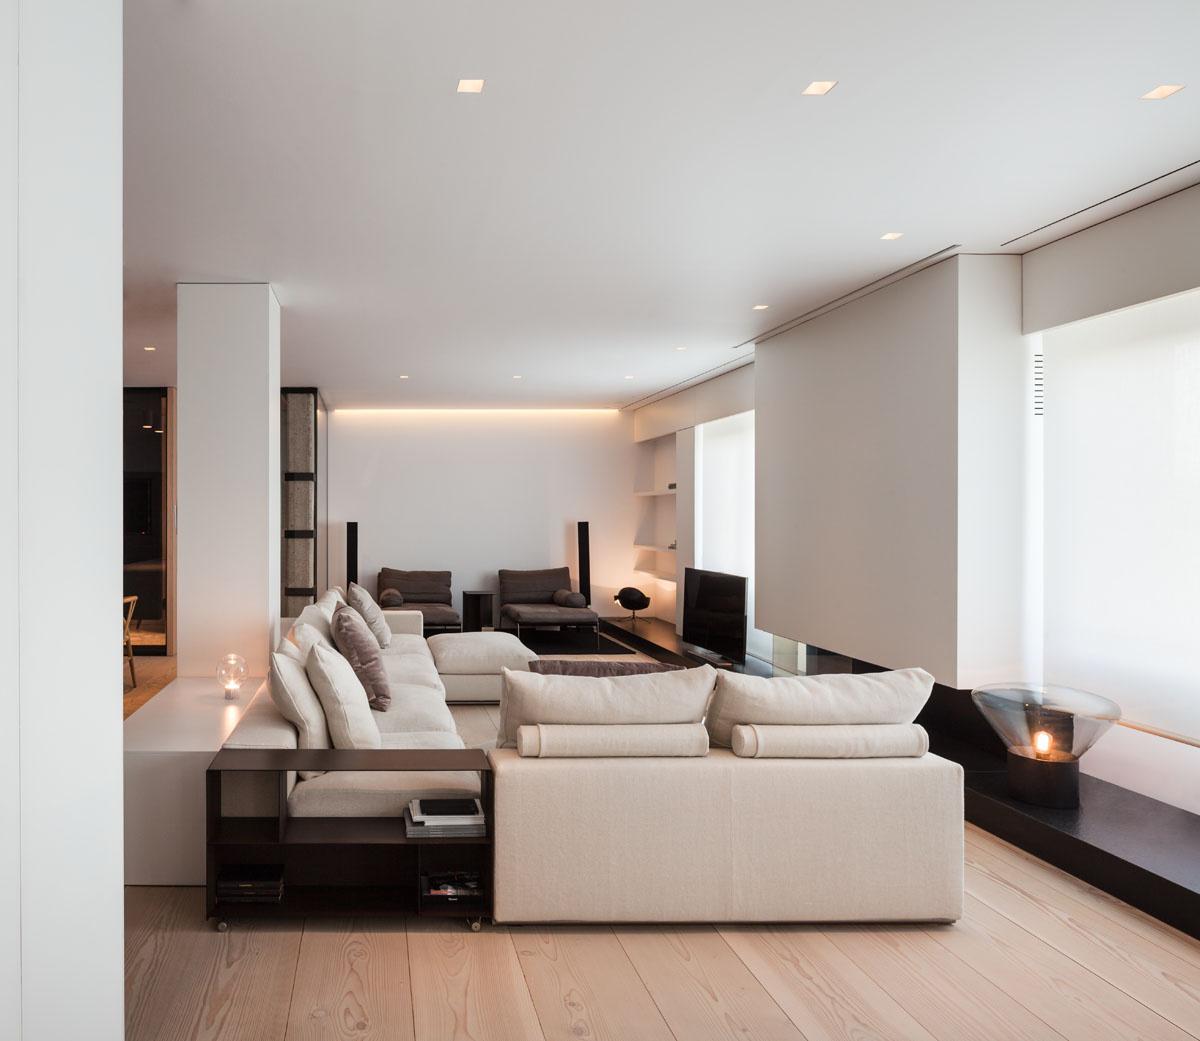 533 - Fantástico y moderno ático en Sevilla de elegante y cálido diseño minimalista